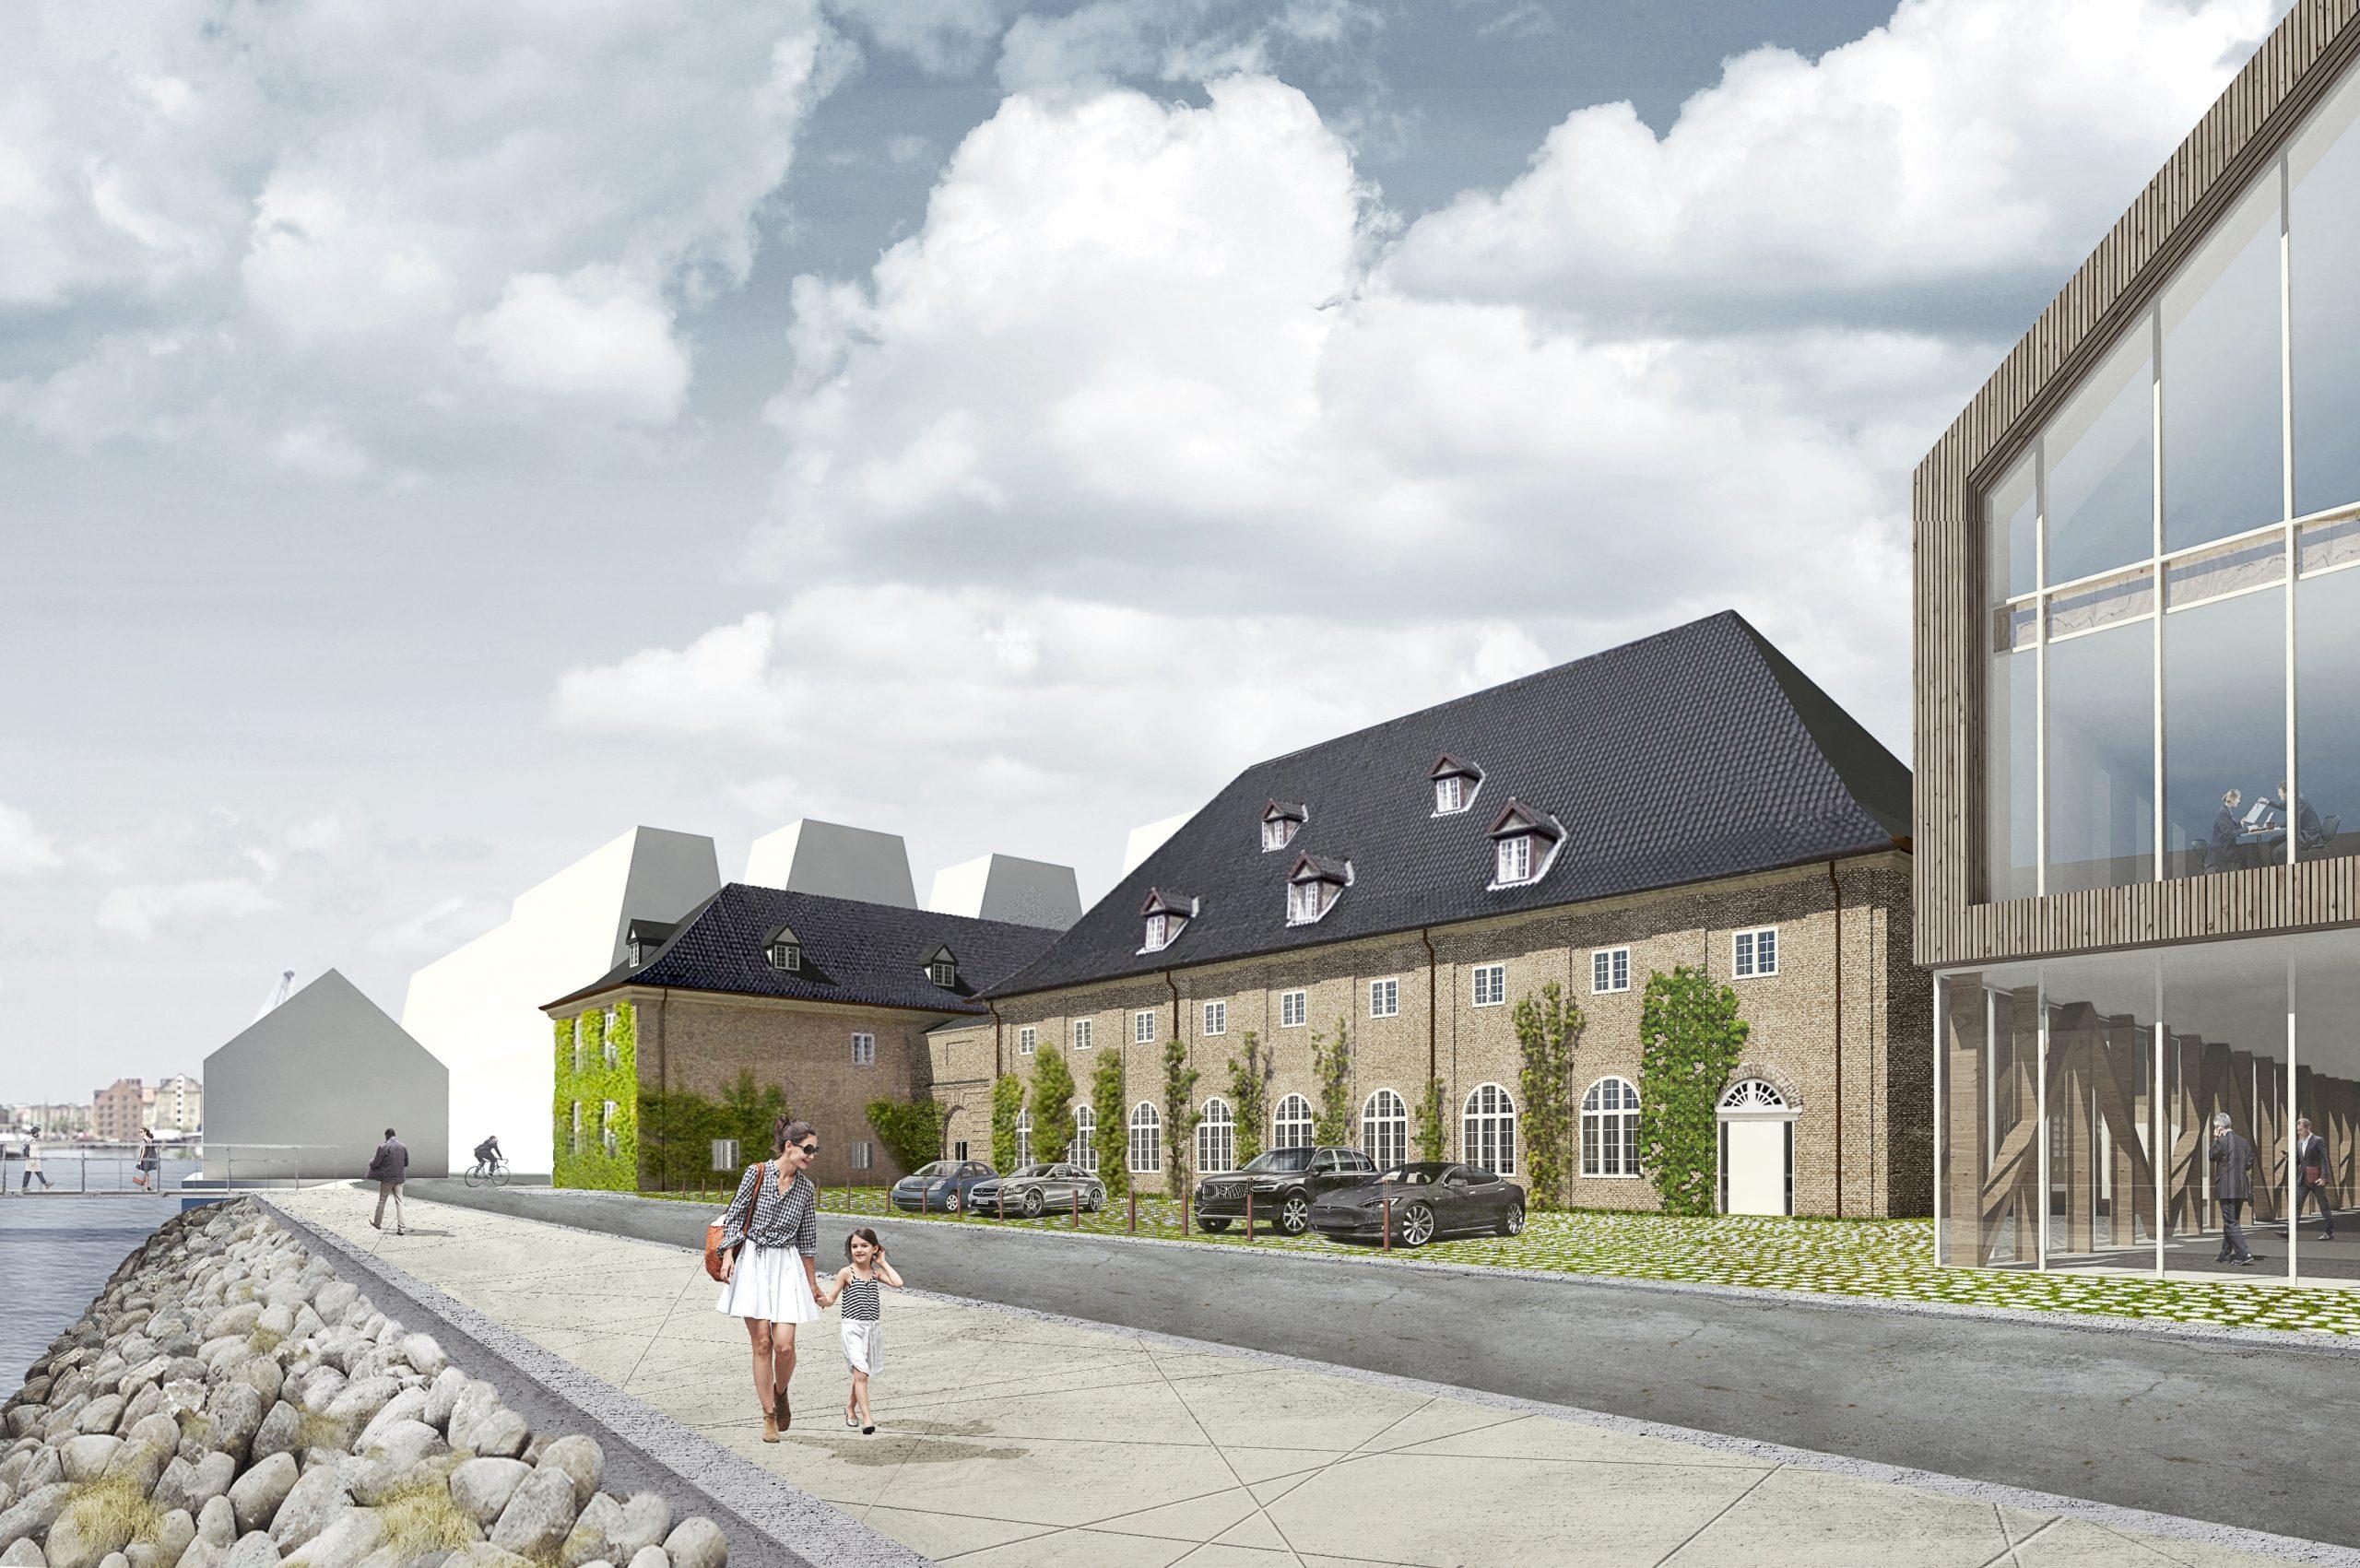 København får i vinteren 2023 sit næste luksus-designhotel, der skal ligge på Holmen overfor Nyhavn. Hotellet skal delvist være i flådens gamle bygning Kuglegården. Rendering fra Byggeselskab Mogens de Linde.